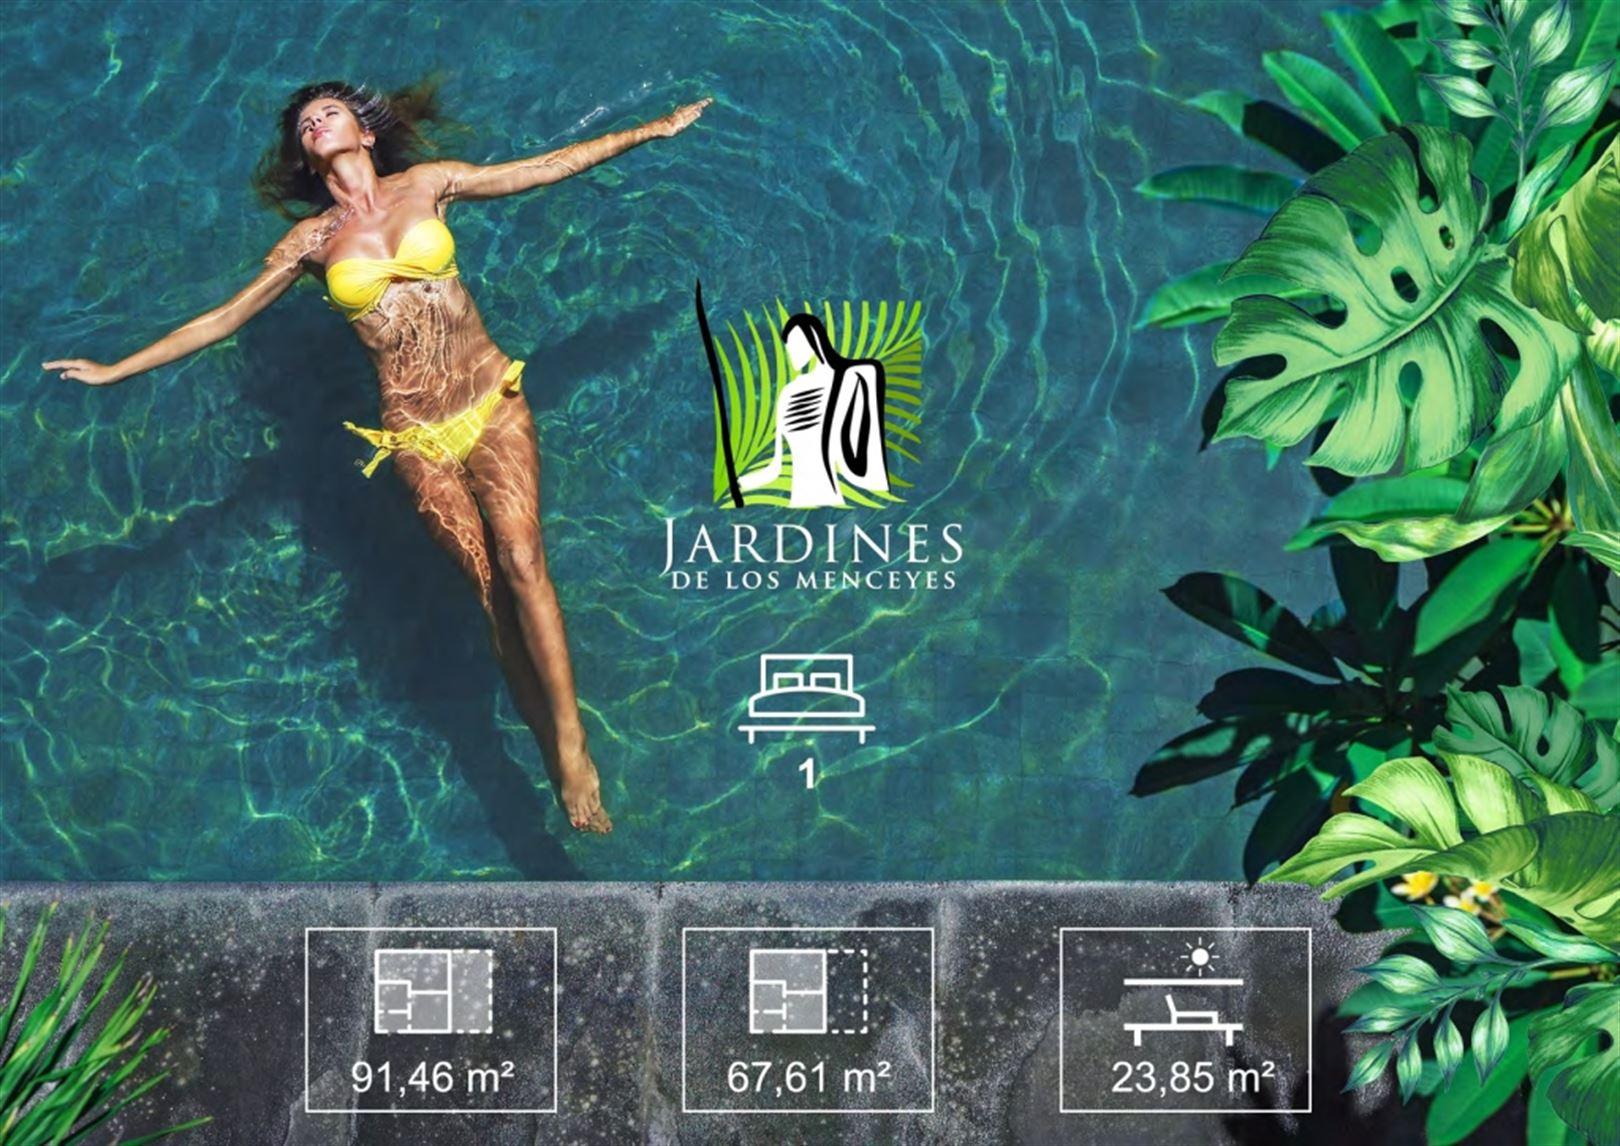 Foto 4 : Appartement te  ARONA - PALM MAR (Spanje) - Prijs Prijs op aanvraag